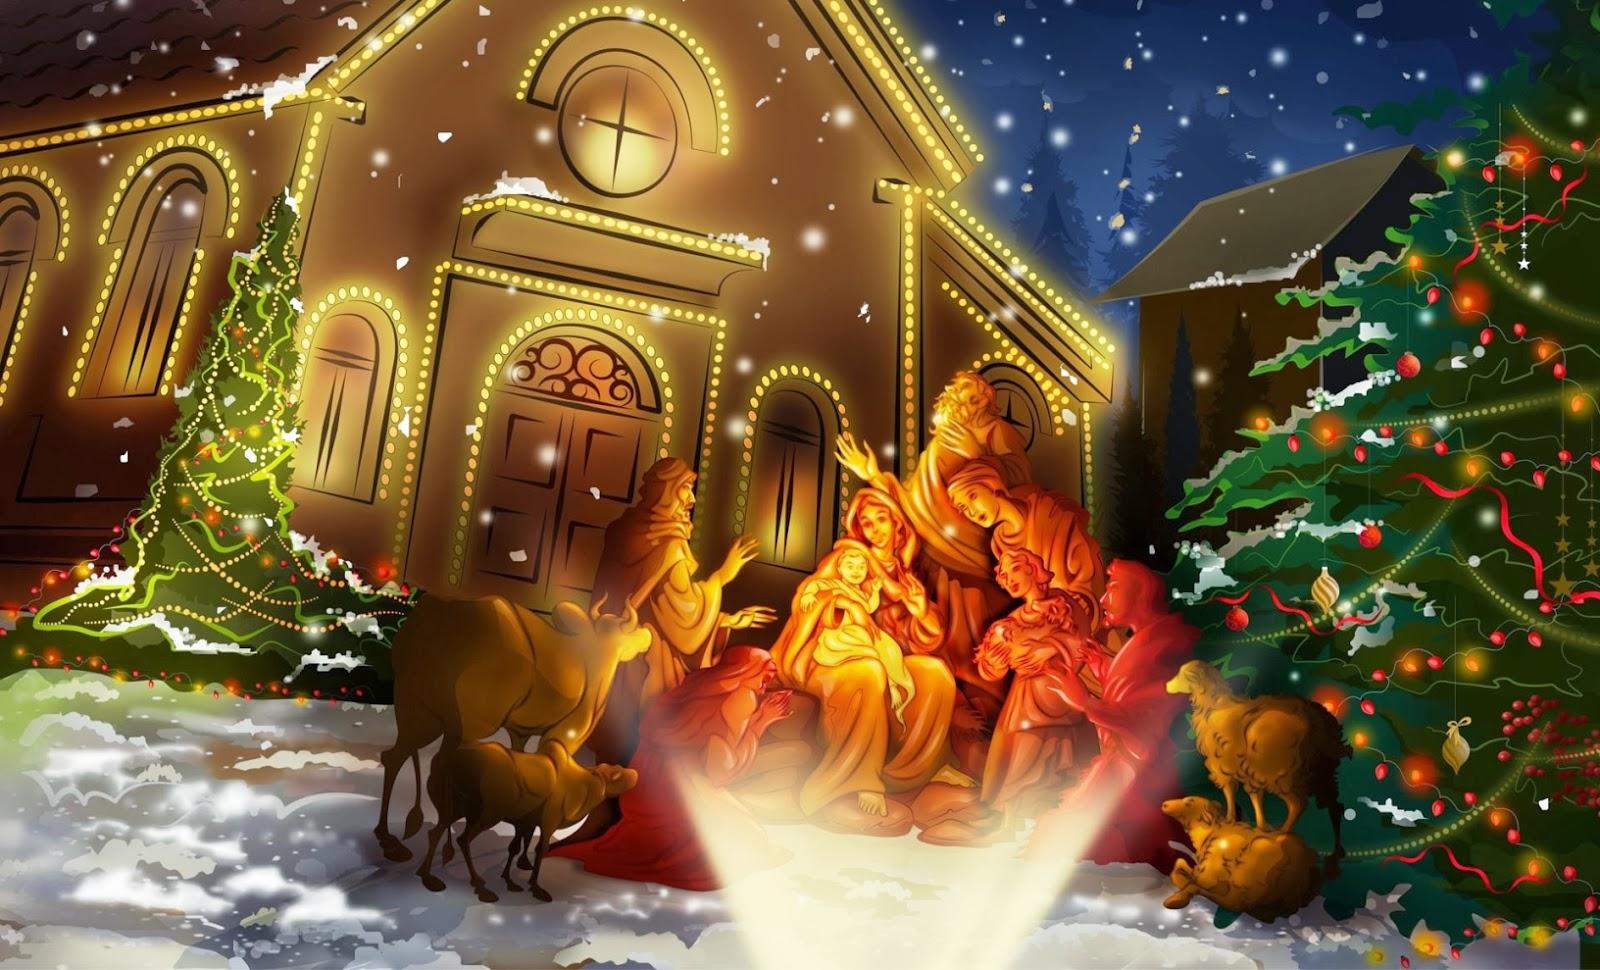 Feliz navidad diario de una rebelde - Nacimiento para navidad ...